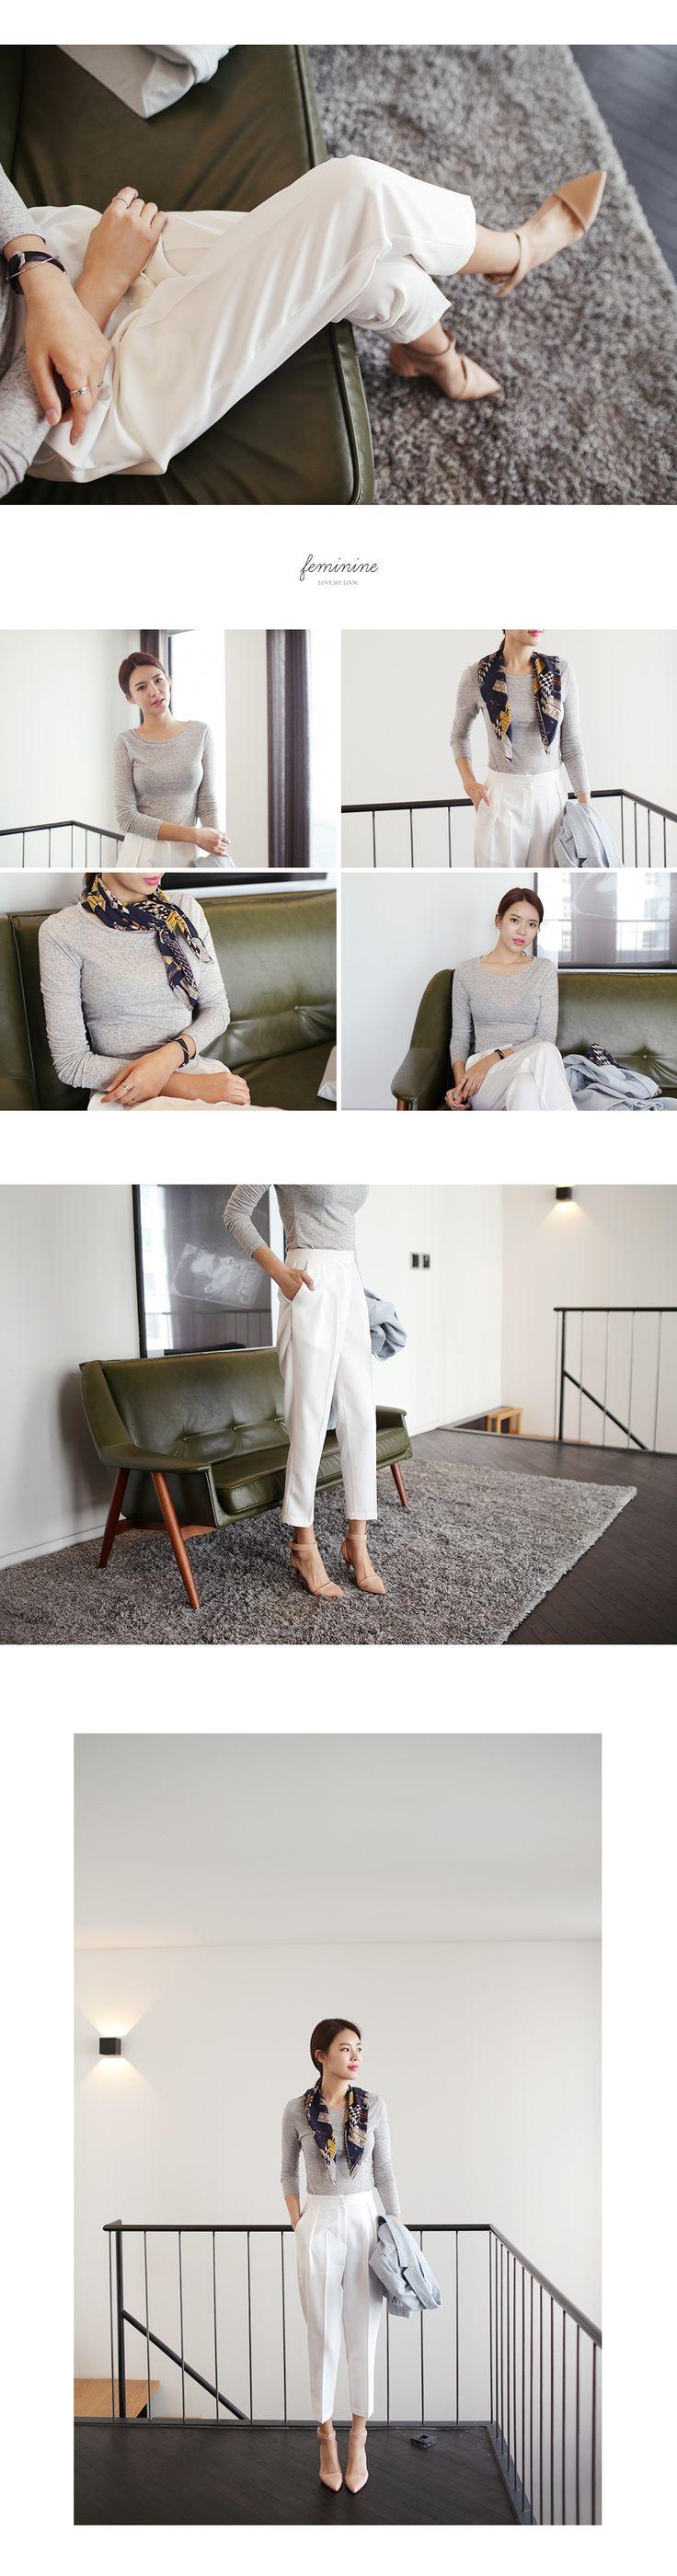 クロップドテーパードパンツ・全3色パンツ・ズボンパンツ・ズボン|レディースファッション通販 DHOLICディーホリック [ファストファッション 水着 ワンピース]